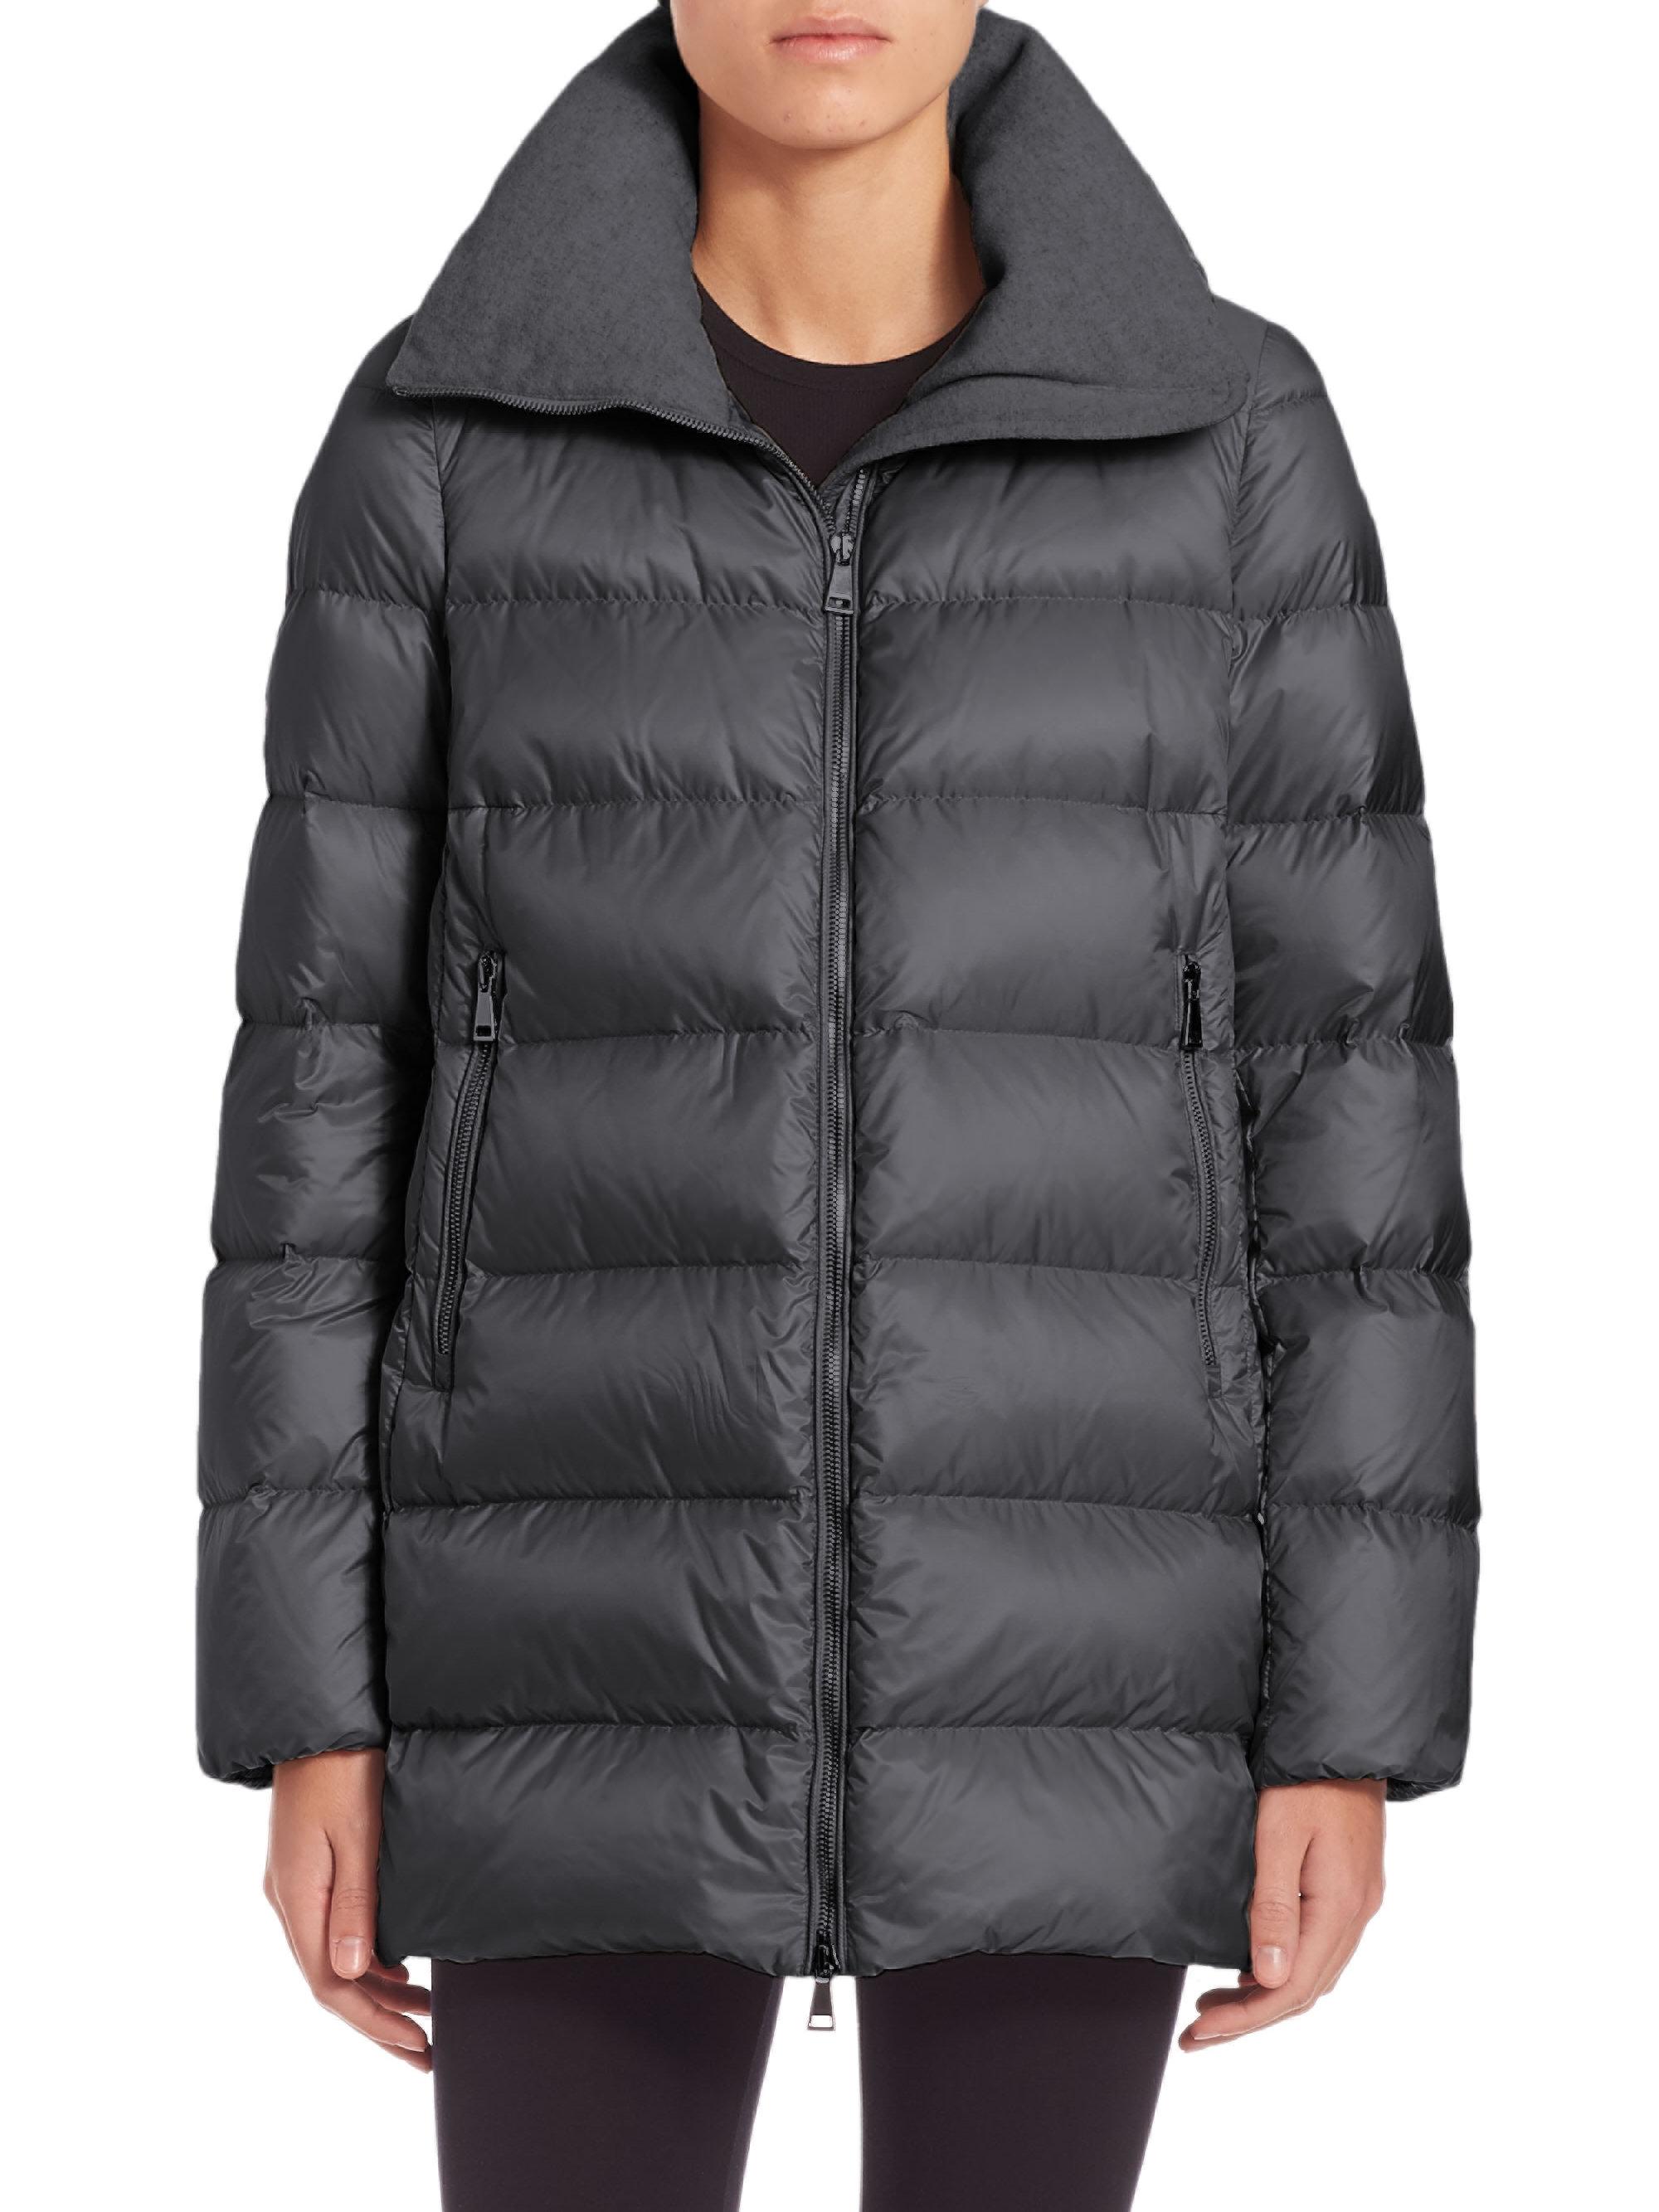 moncler jackets new york store menu for sale. Black Bedroom Furniture Sets. Home Design Ideas